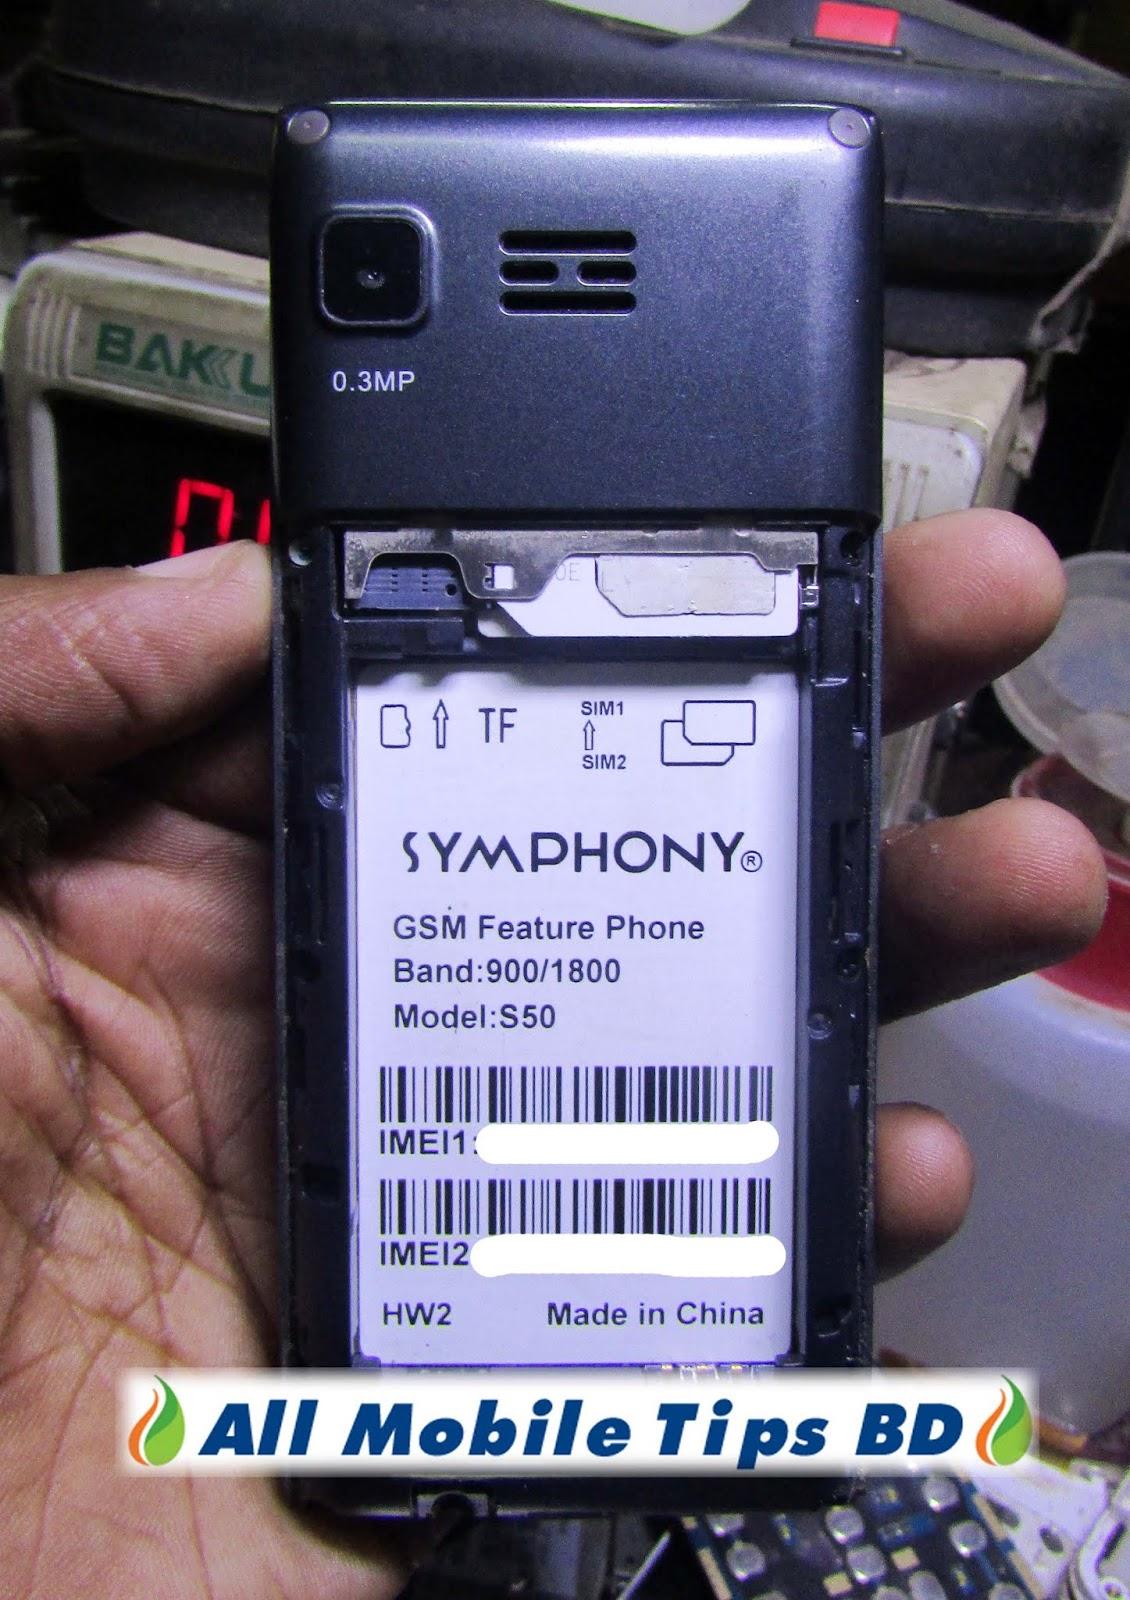 Flash Advan S50 : flash, advan, Symphony, Flash, Without, Password, Mobile